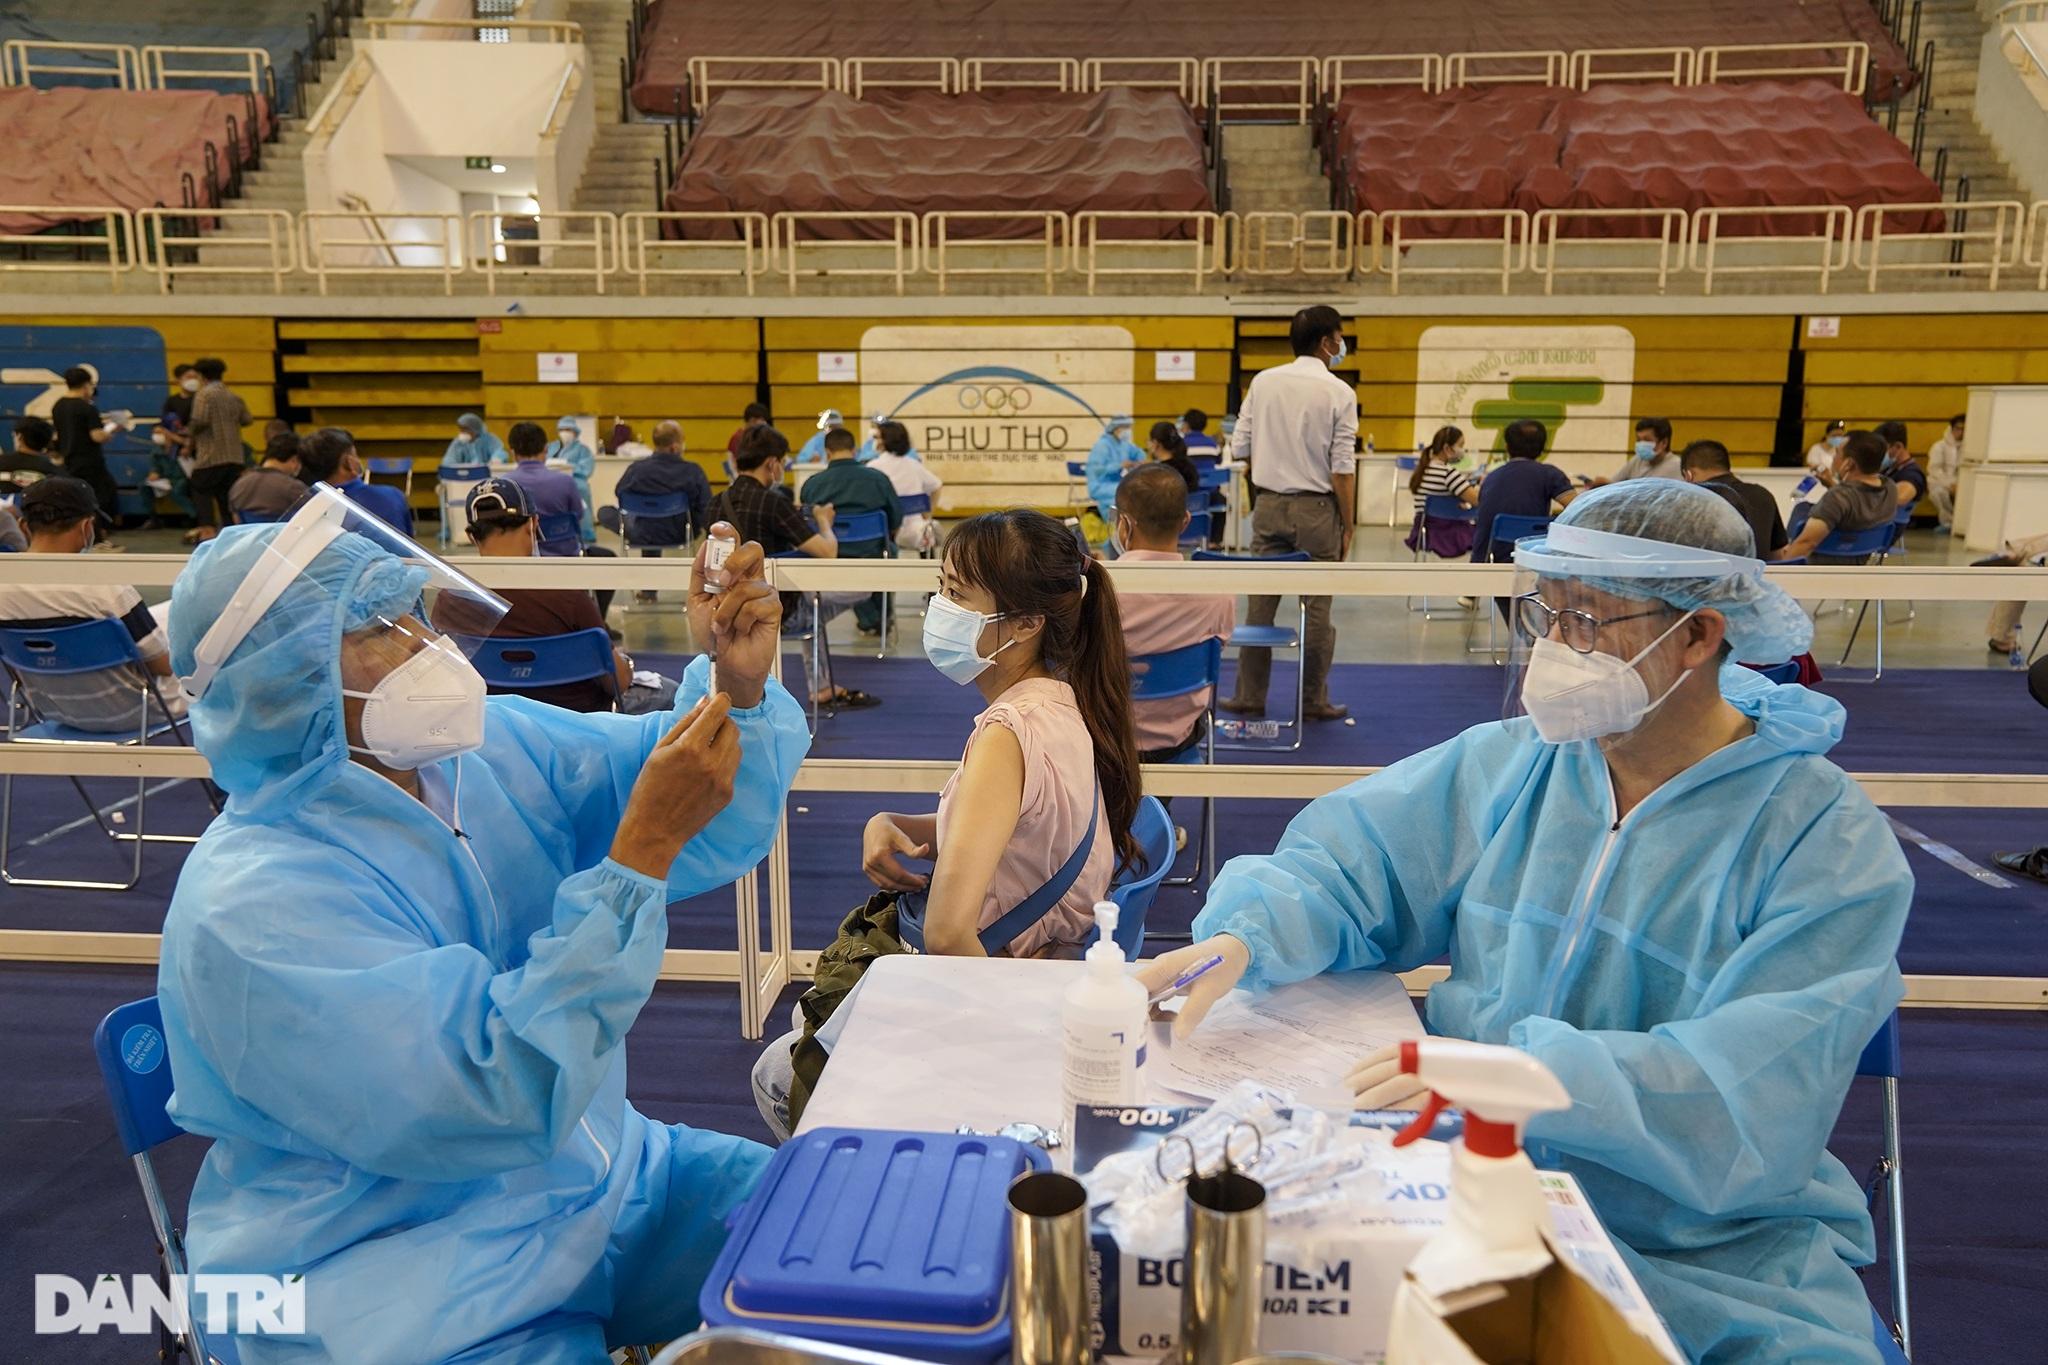 Hình ảnh người dân TPHCM xếp hàng tiêm vắc xin Covid-19 đông chưa từng thấy - 6